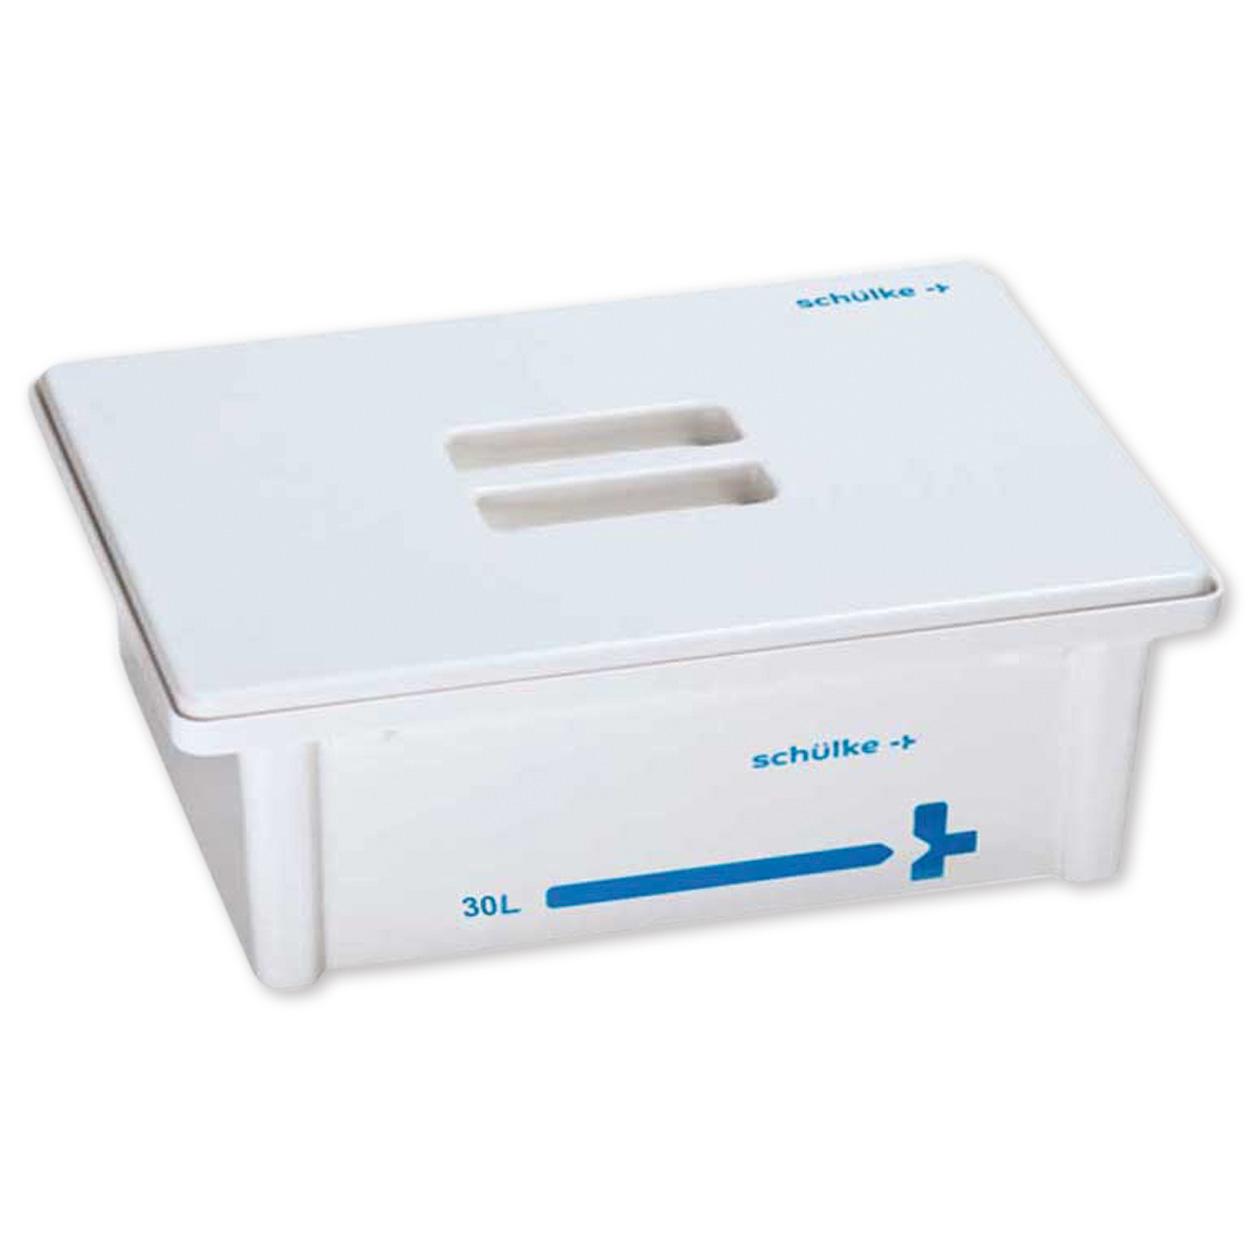 Instrumentenwanne 30 L – Komplett-Set / Deckel weiß